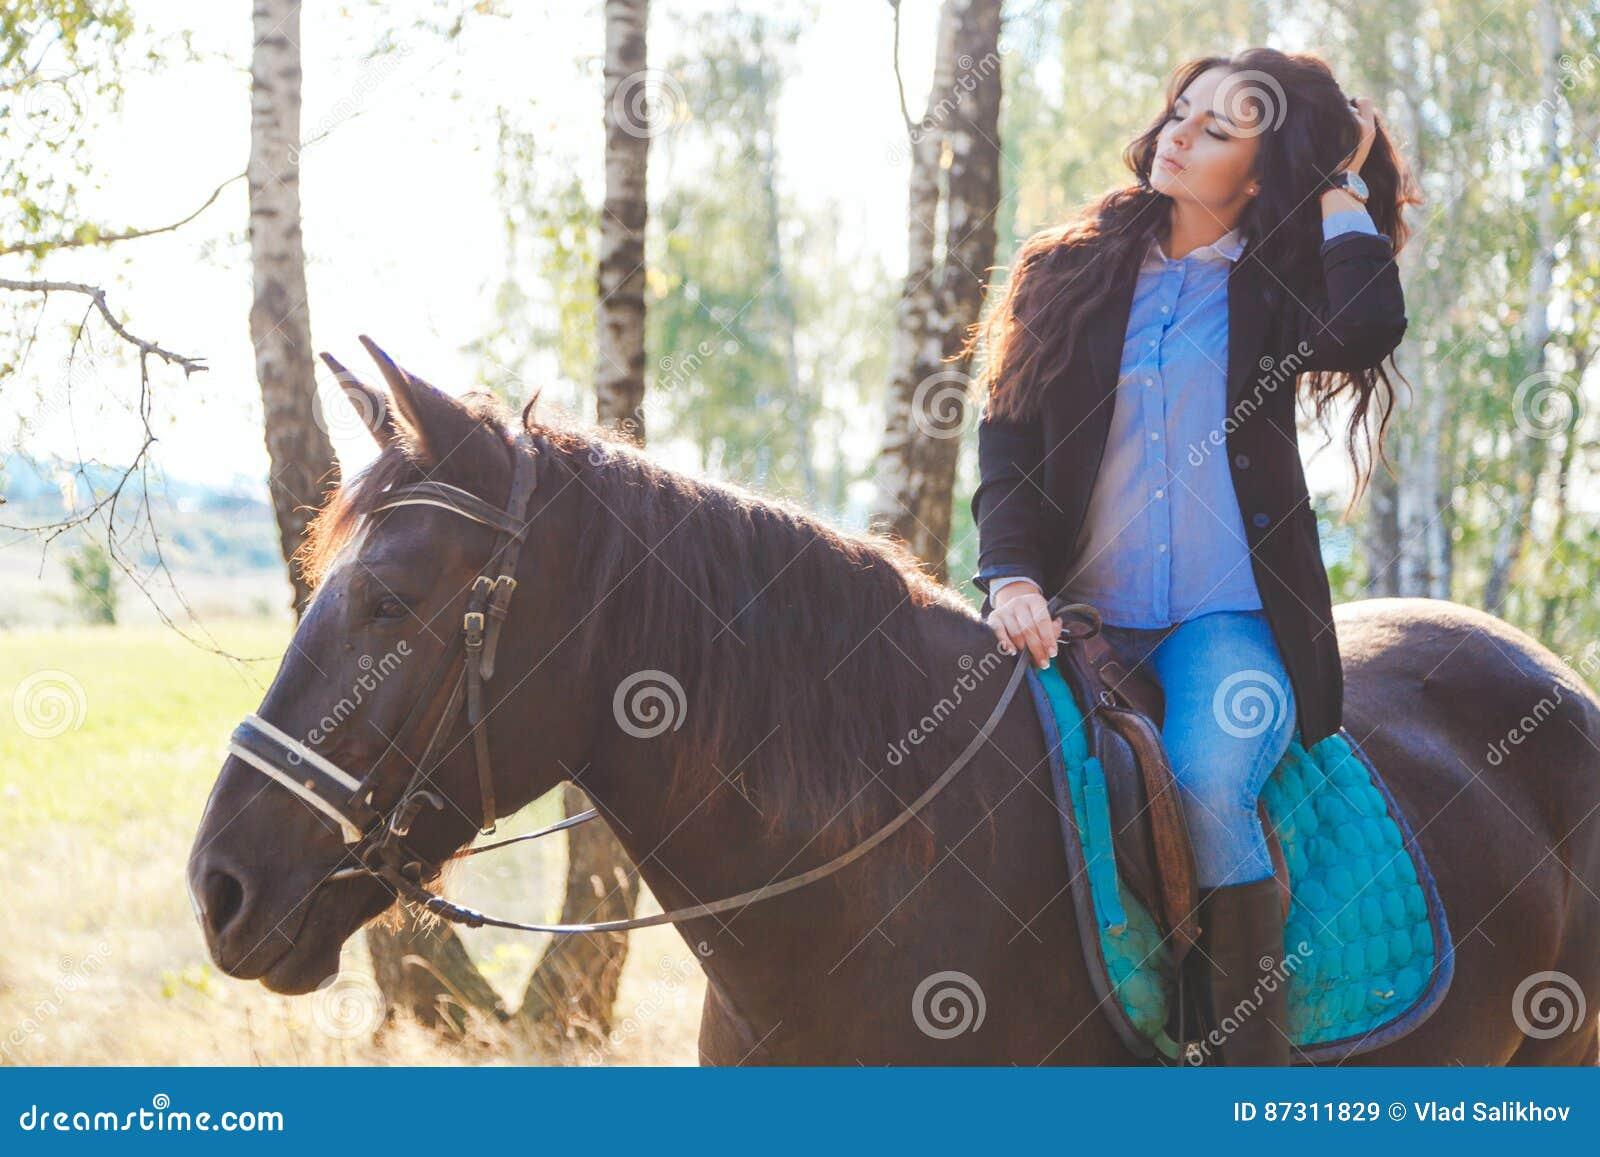 Vaqueros que llevan morenos atractivos hermosos, blusa y chaqueta negra montando un caballo en el día de verano soleado